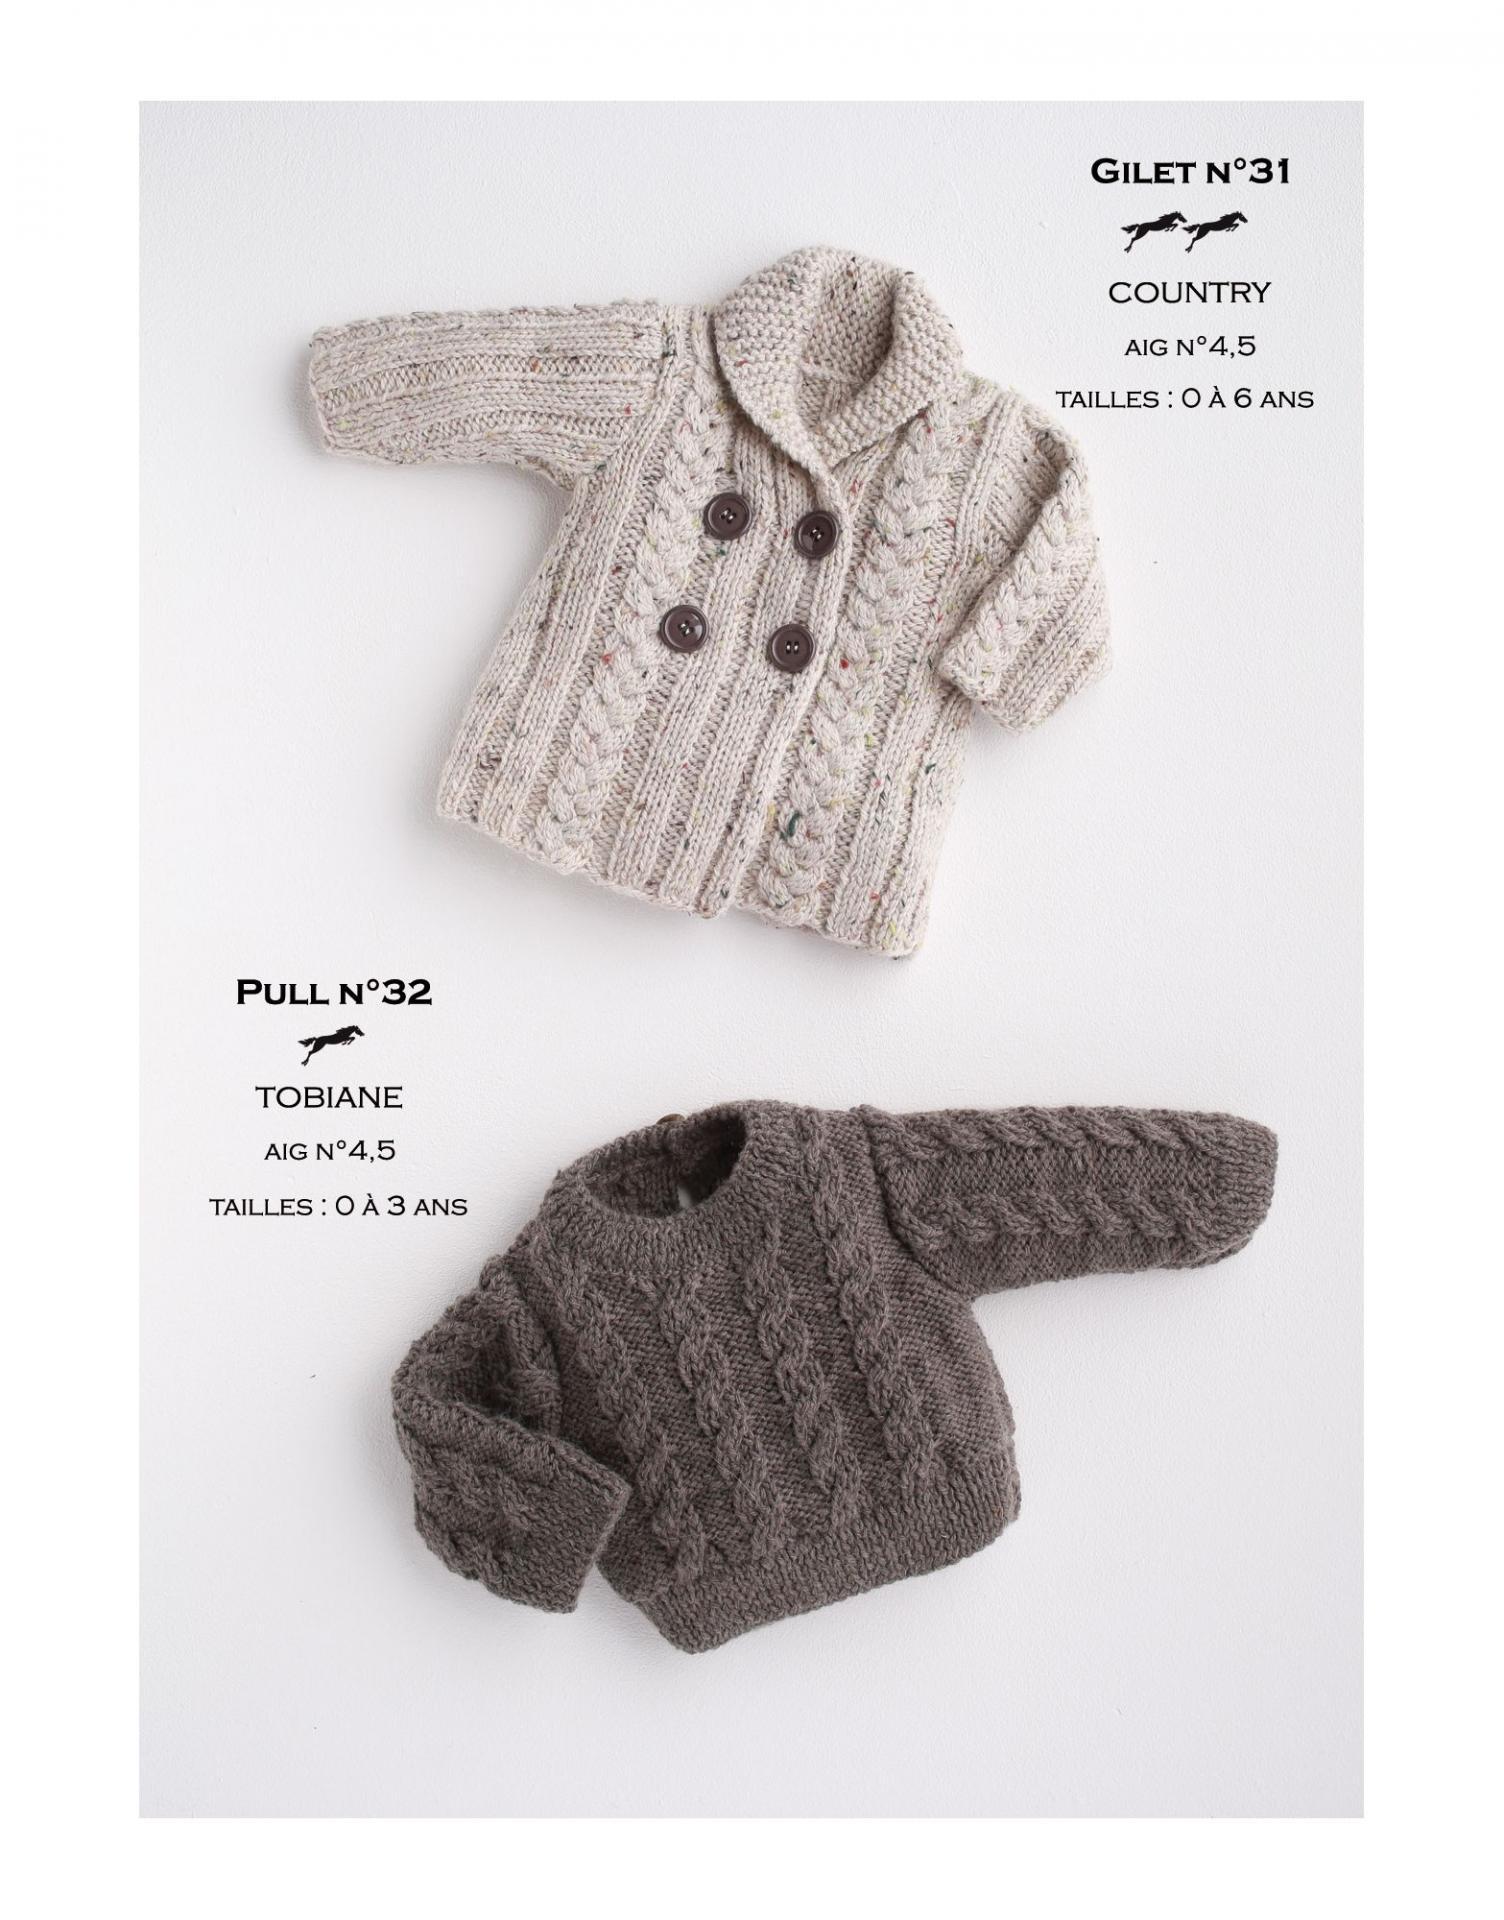 Modele gilet cb17 31 patron tricot gratuit